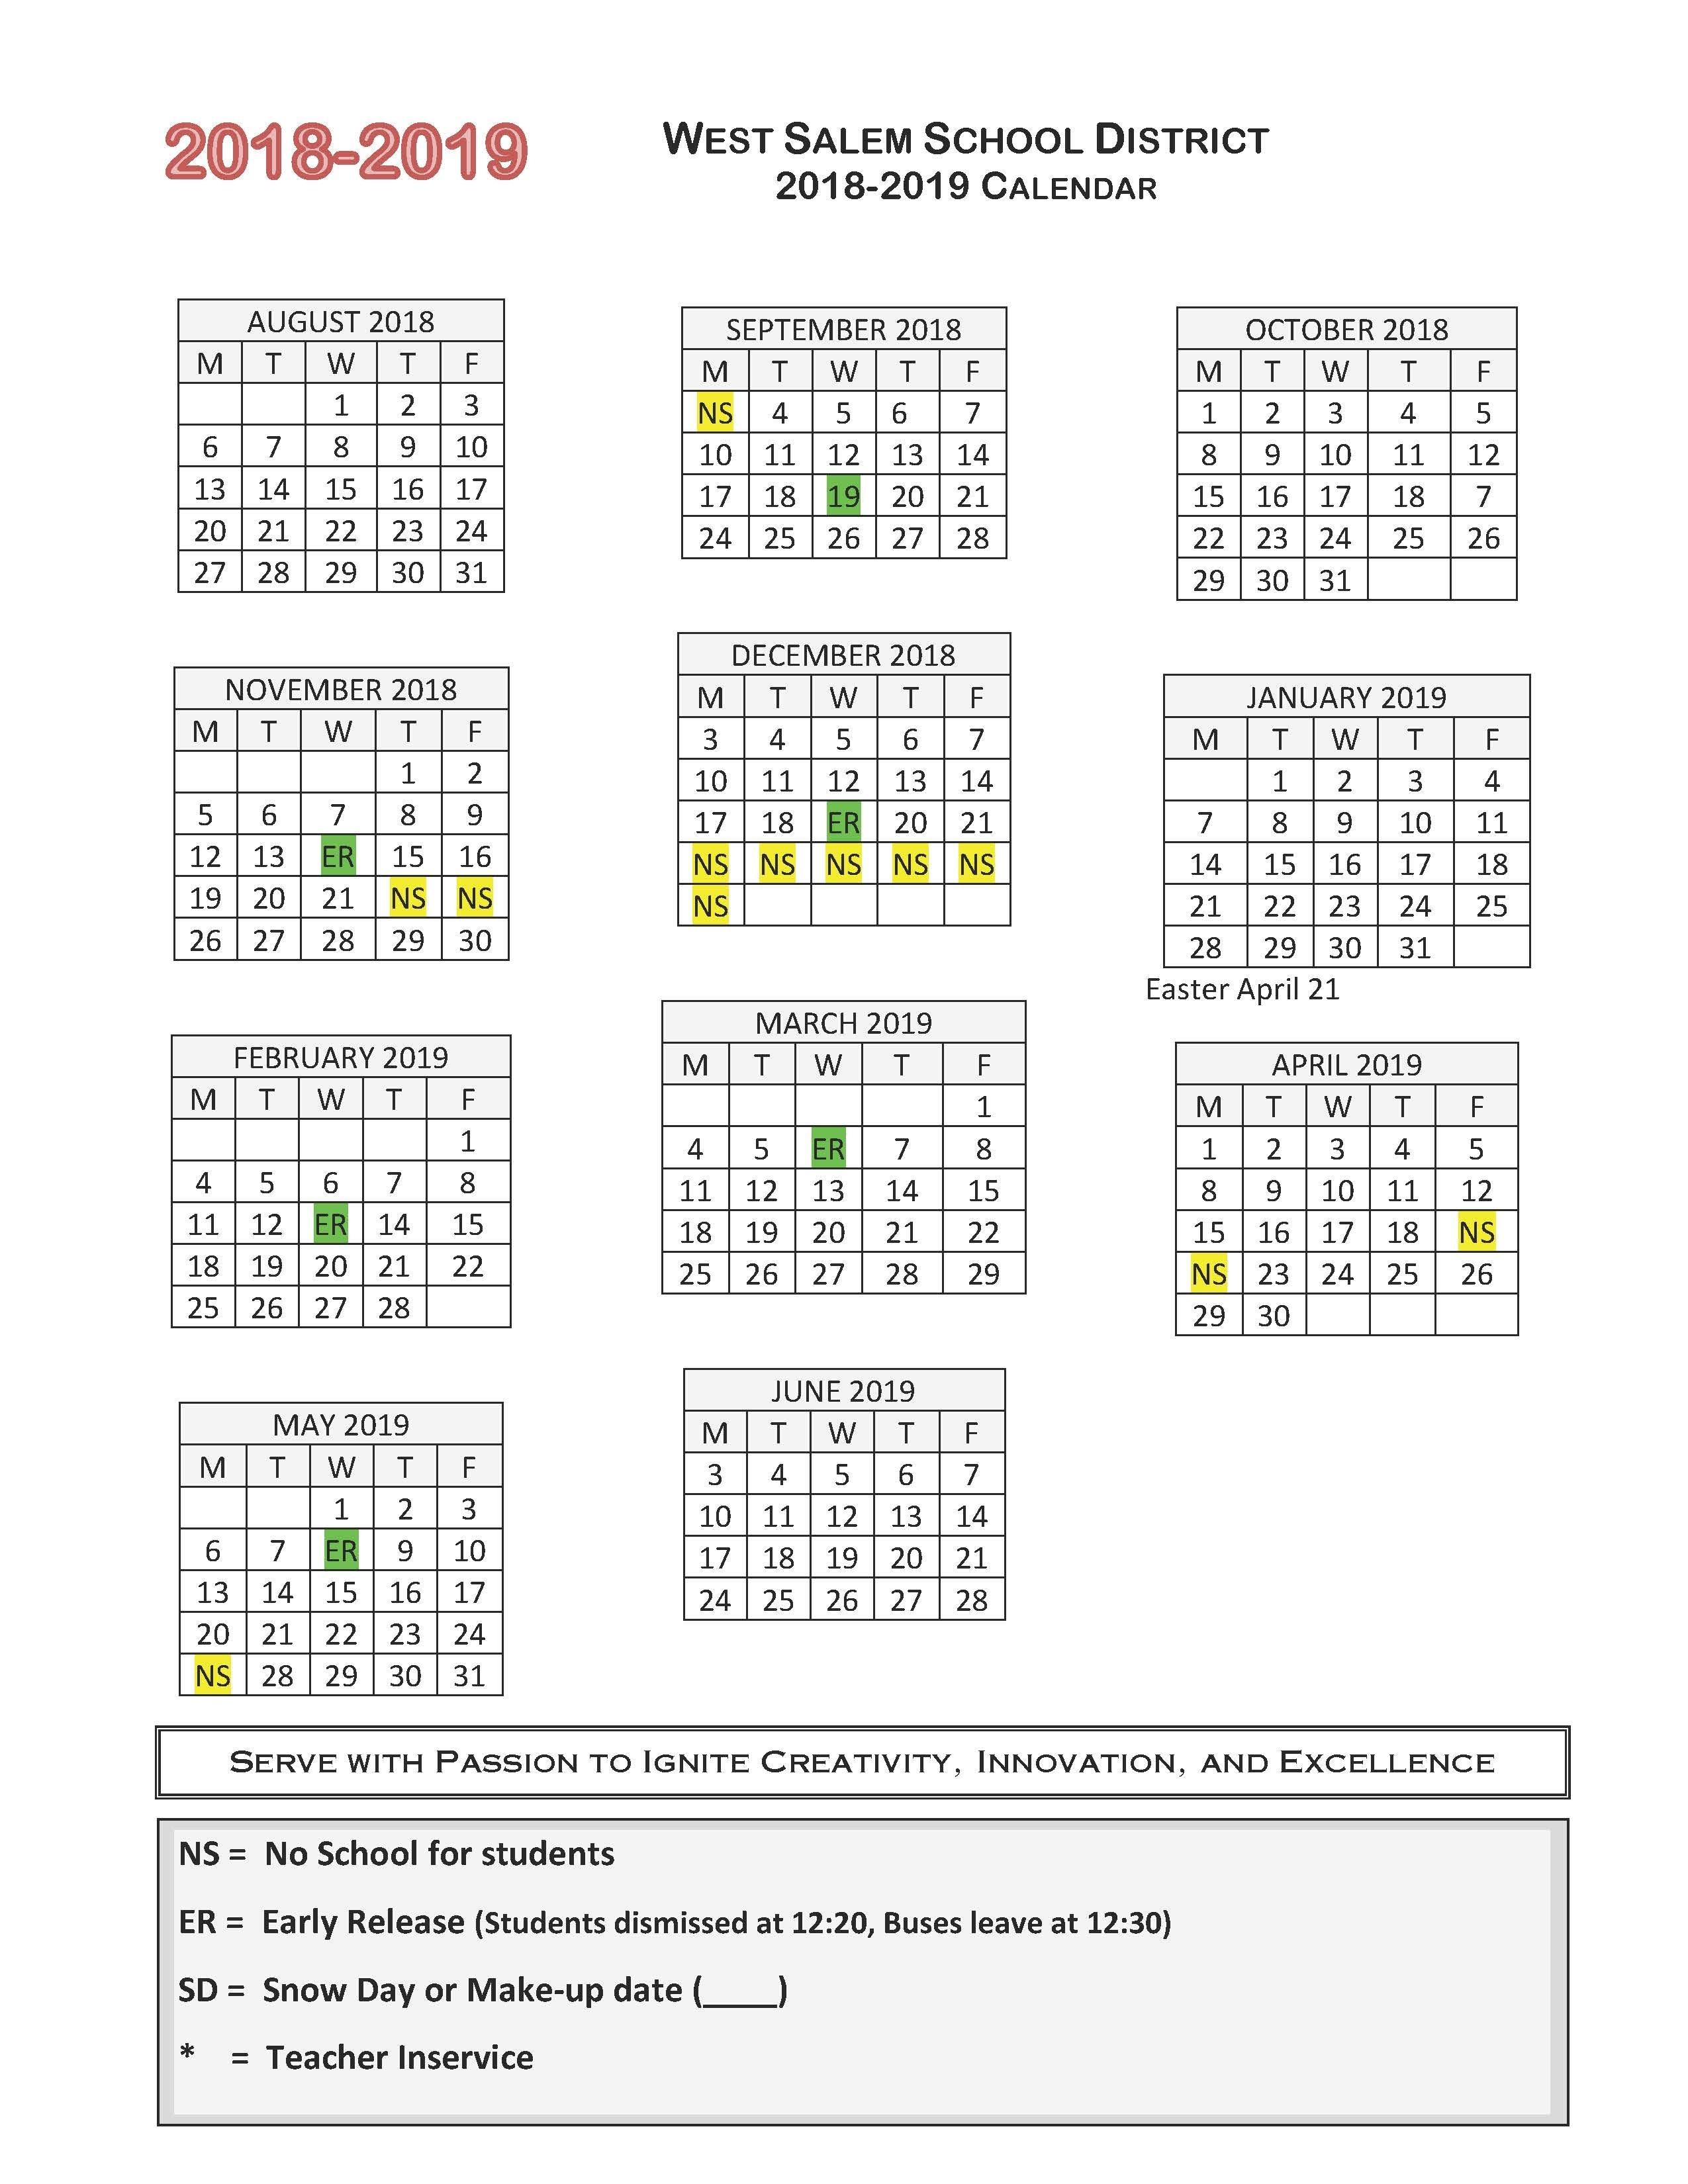 Calendar Referendum 2020